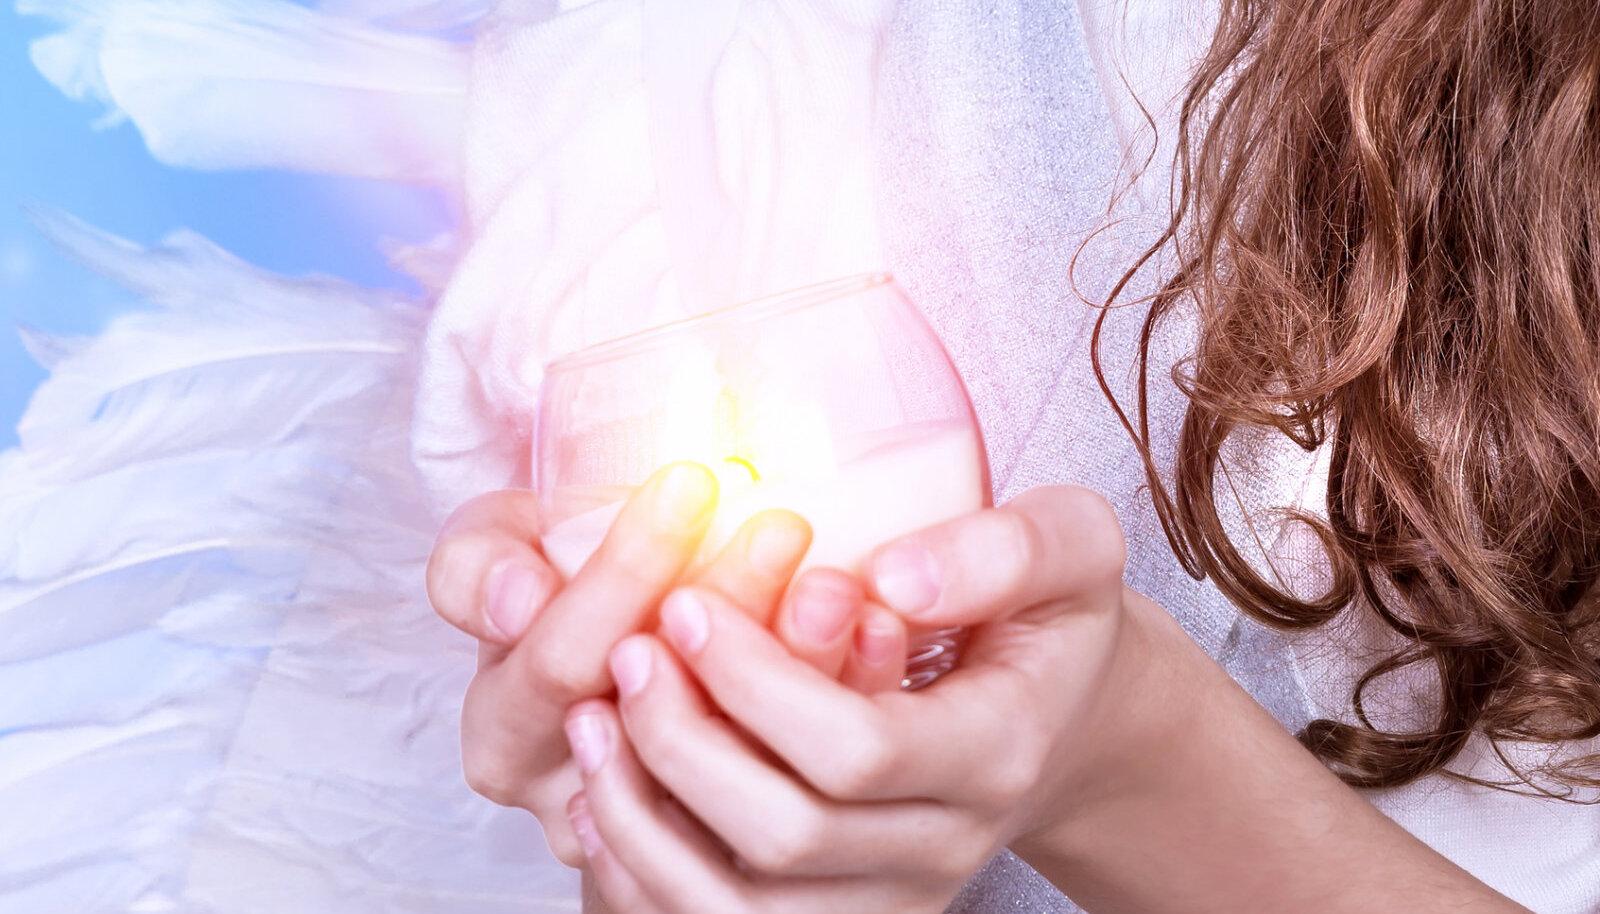 Kaitse ennast ingelliku valguse abil